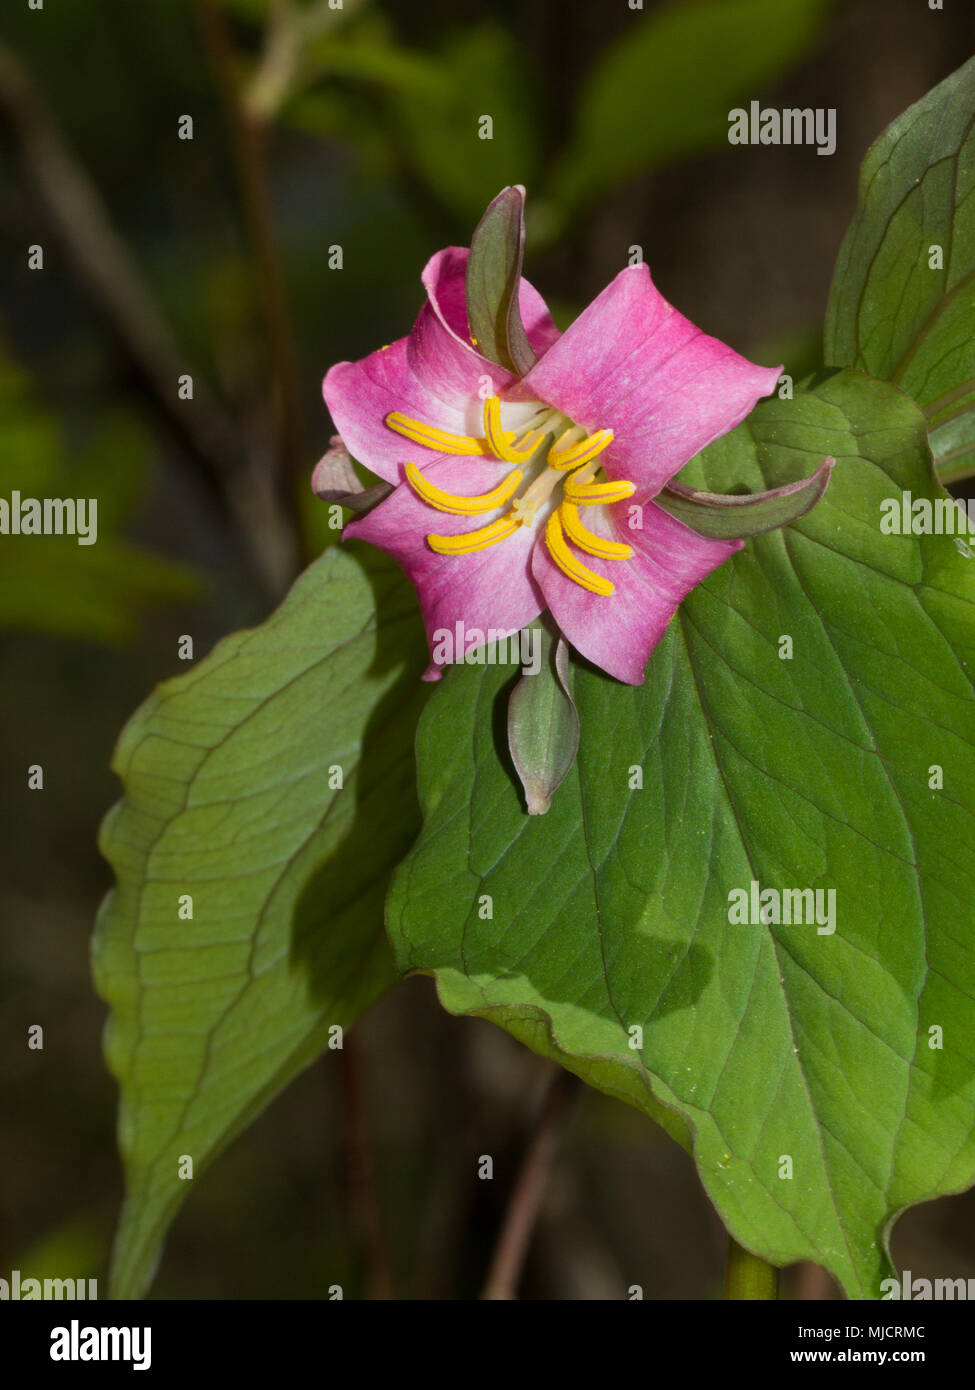 Une fleur de trillium, Catesby avec quatre pétales et quatre sépales. Photo Stock